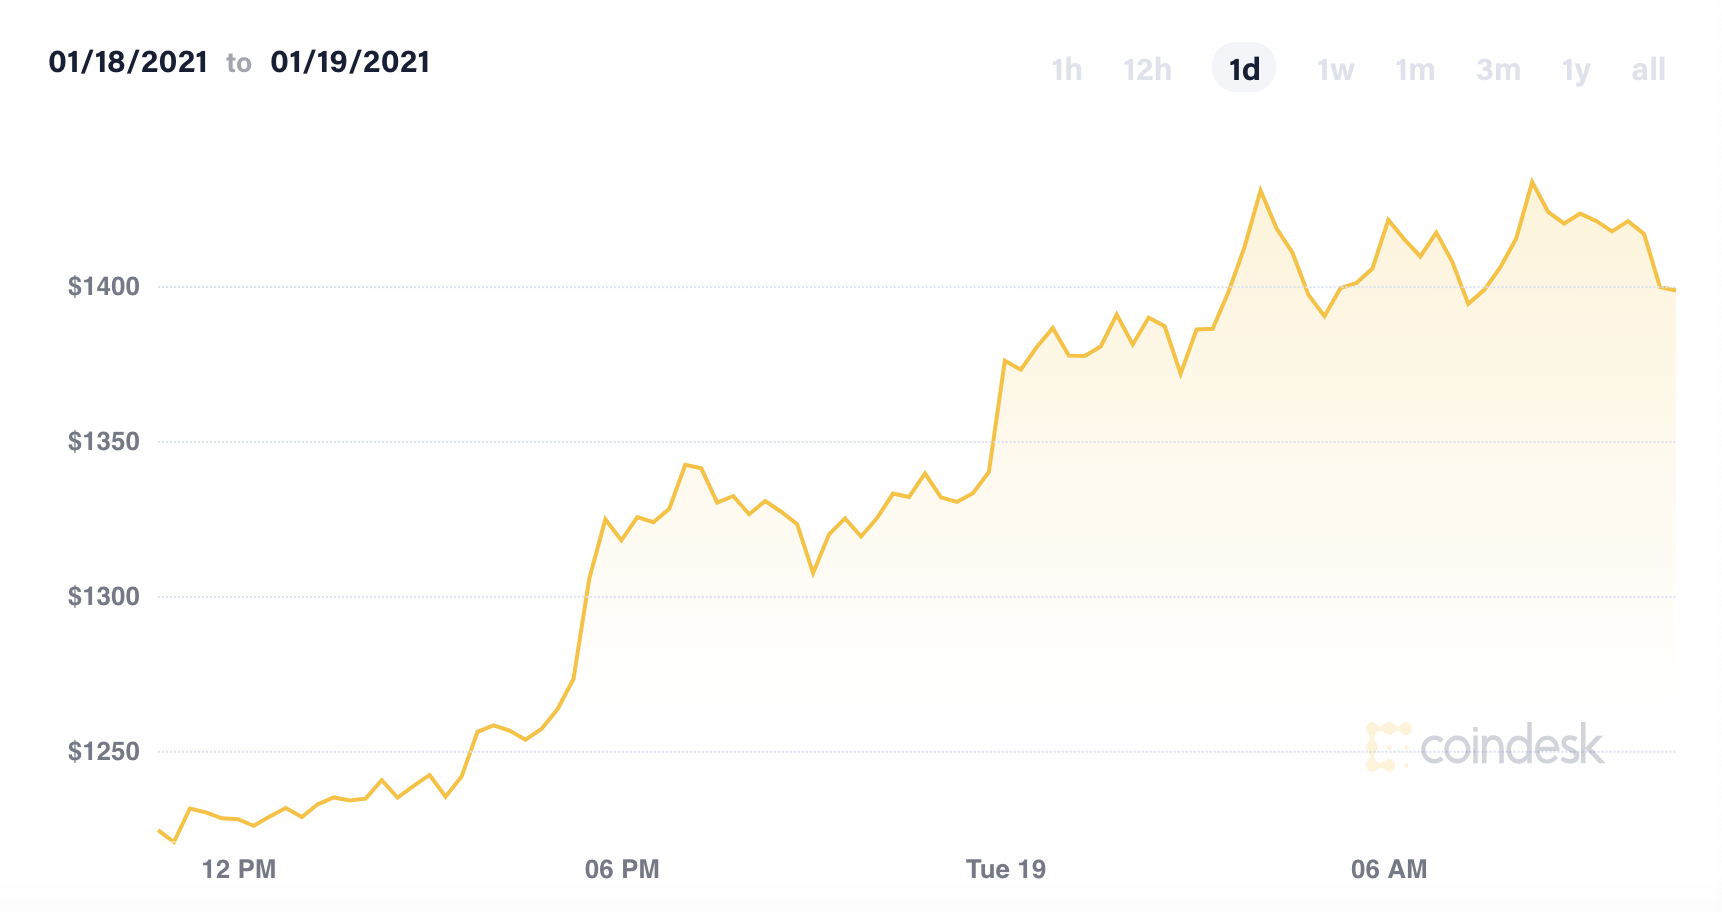 狂热的数字货币:比特币成当下最拥挤交易 以太币突破1400美元+FBS